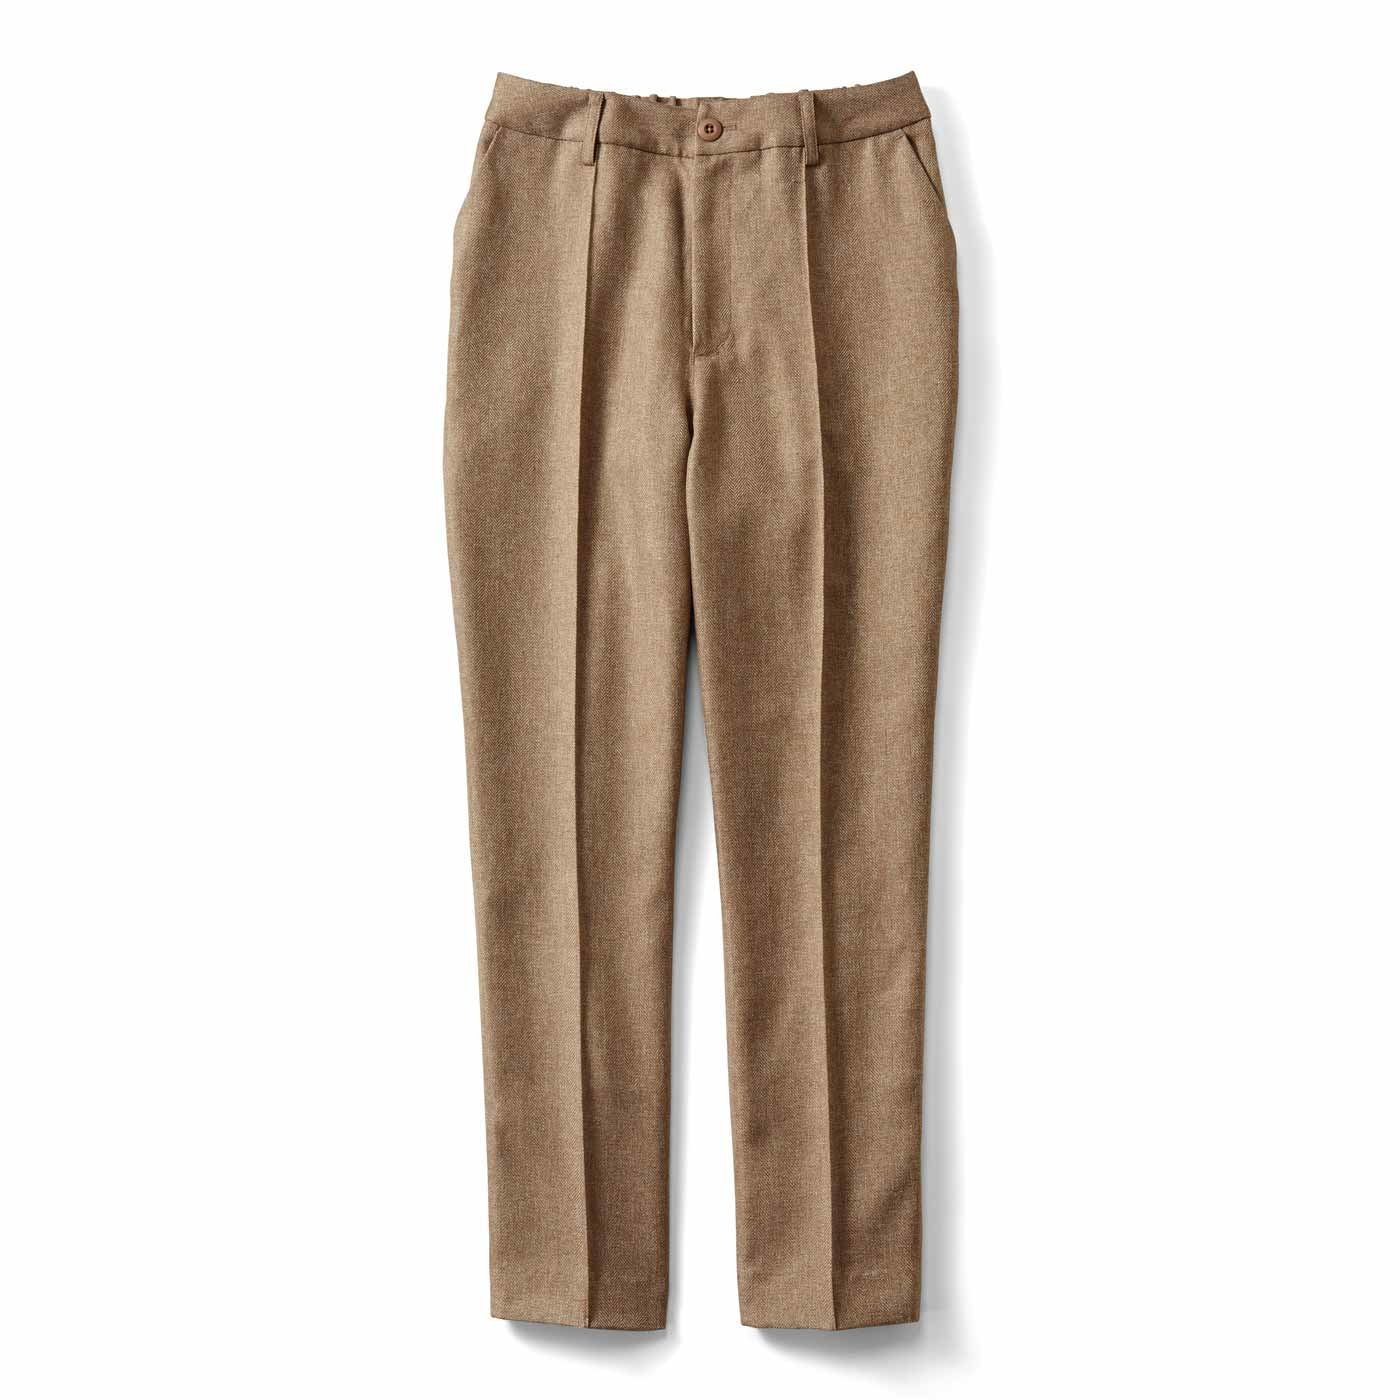 IEDIT[イディット] ウールライク素材で快適なはき心地 センターステッチでスッキリ見え美脚パンツ〈ベージュ〉